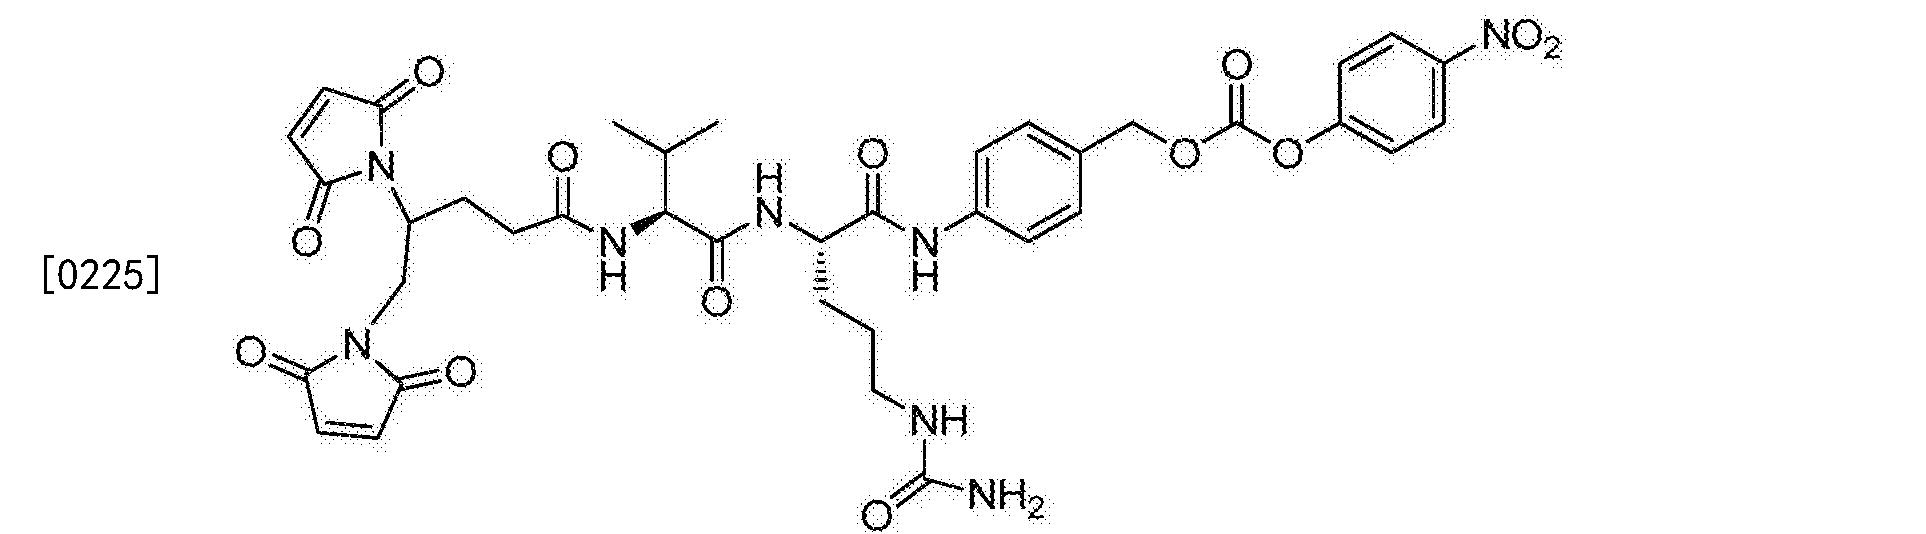 Figure CN103933575BD00294